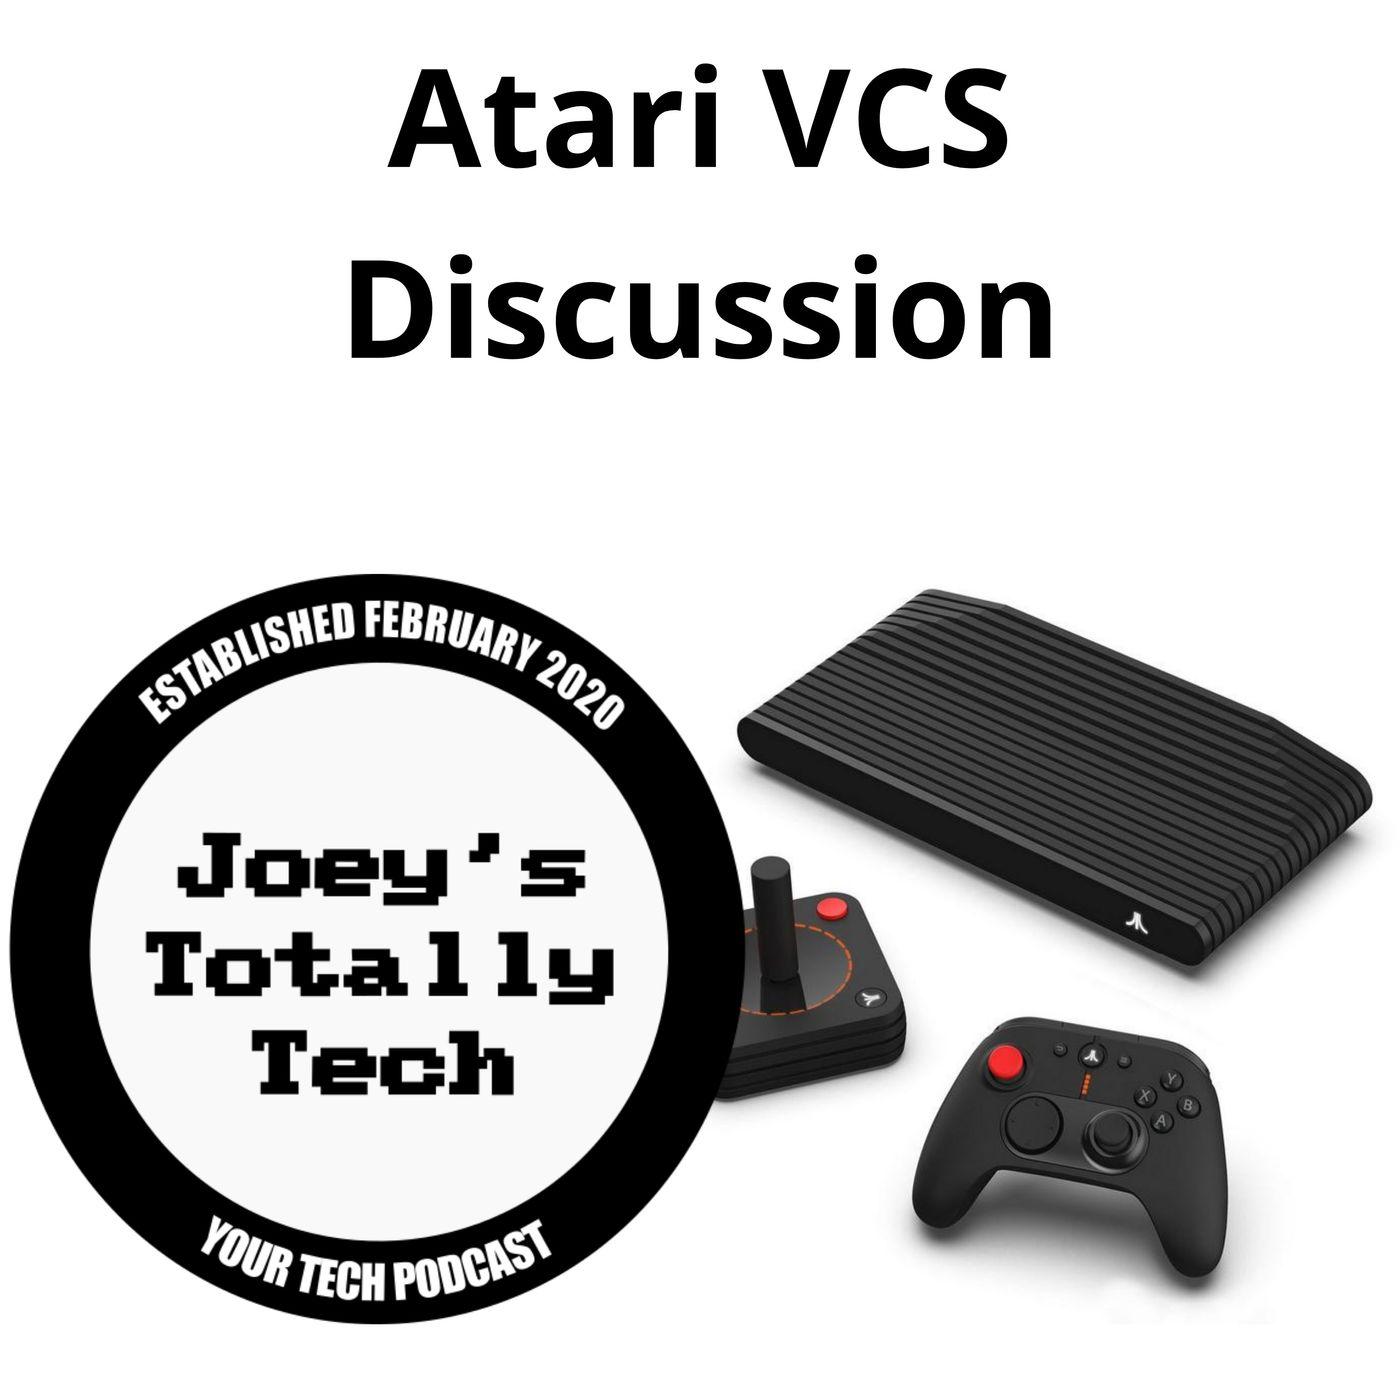 Atari VCS Discussion